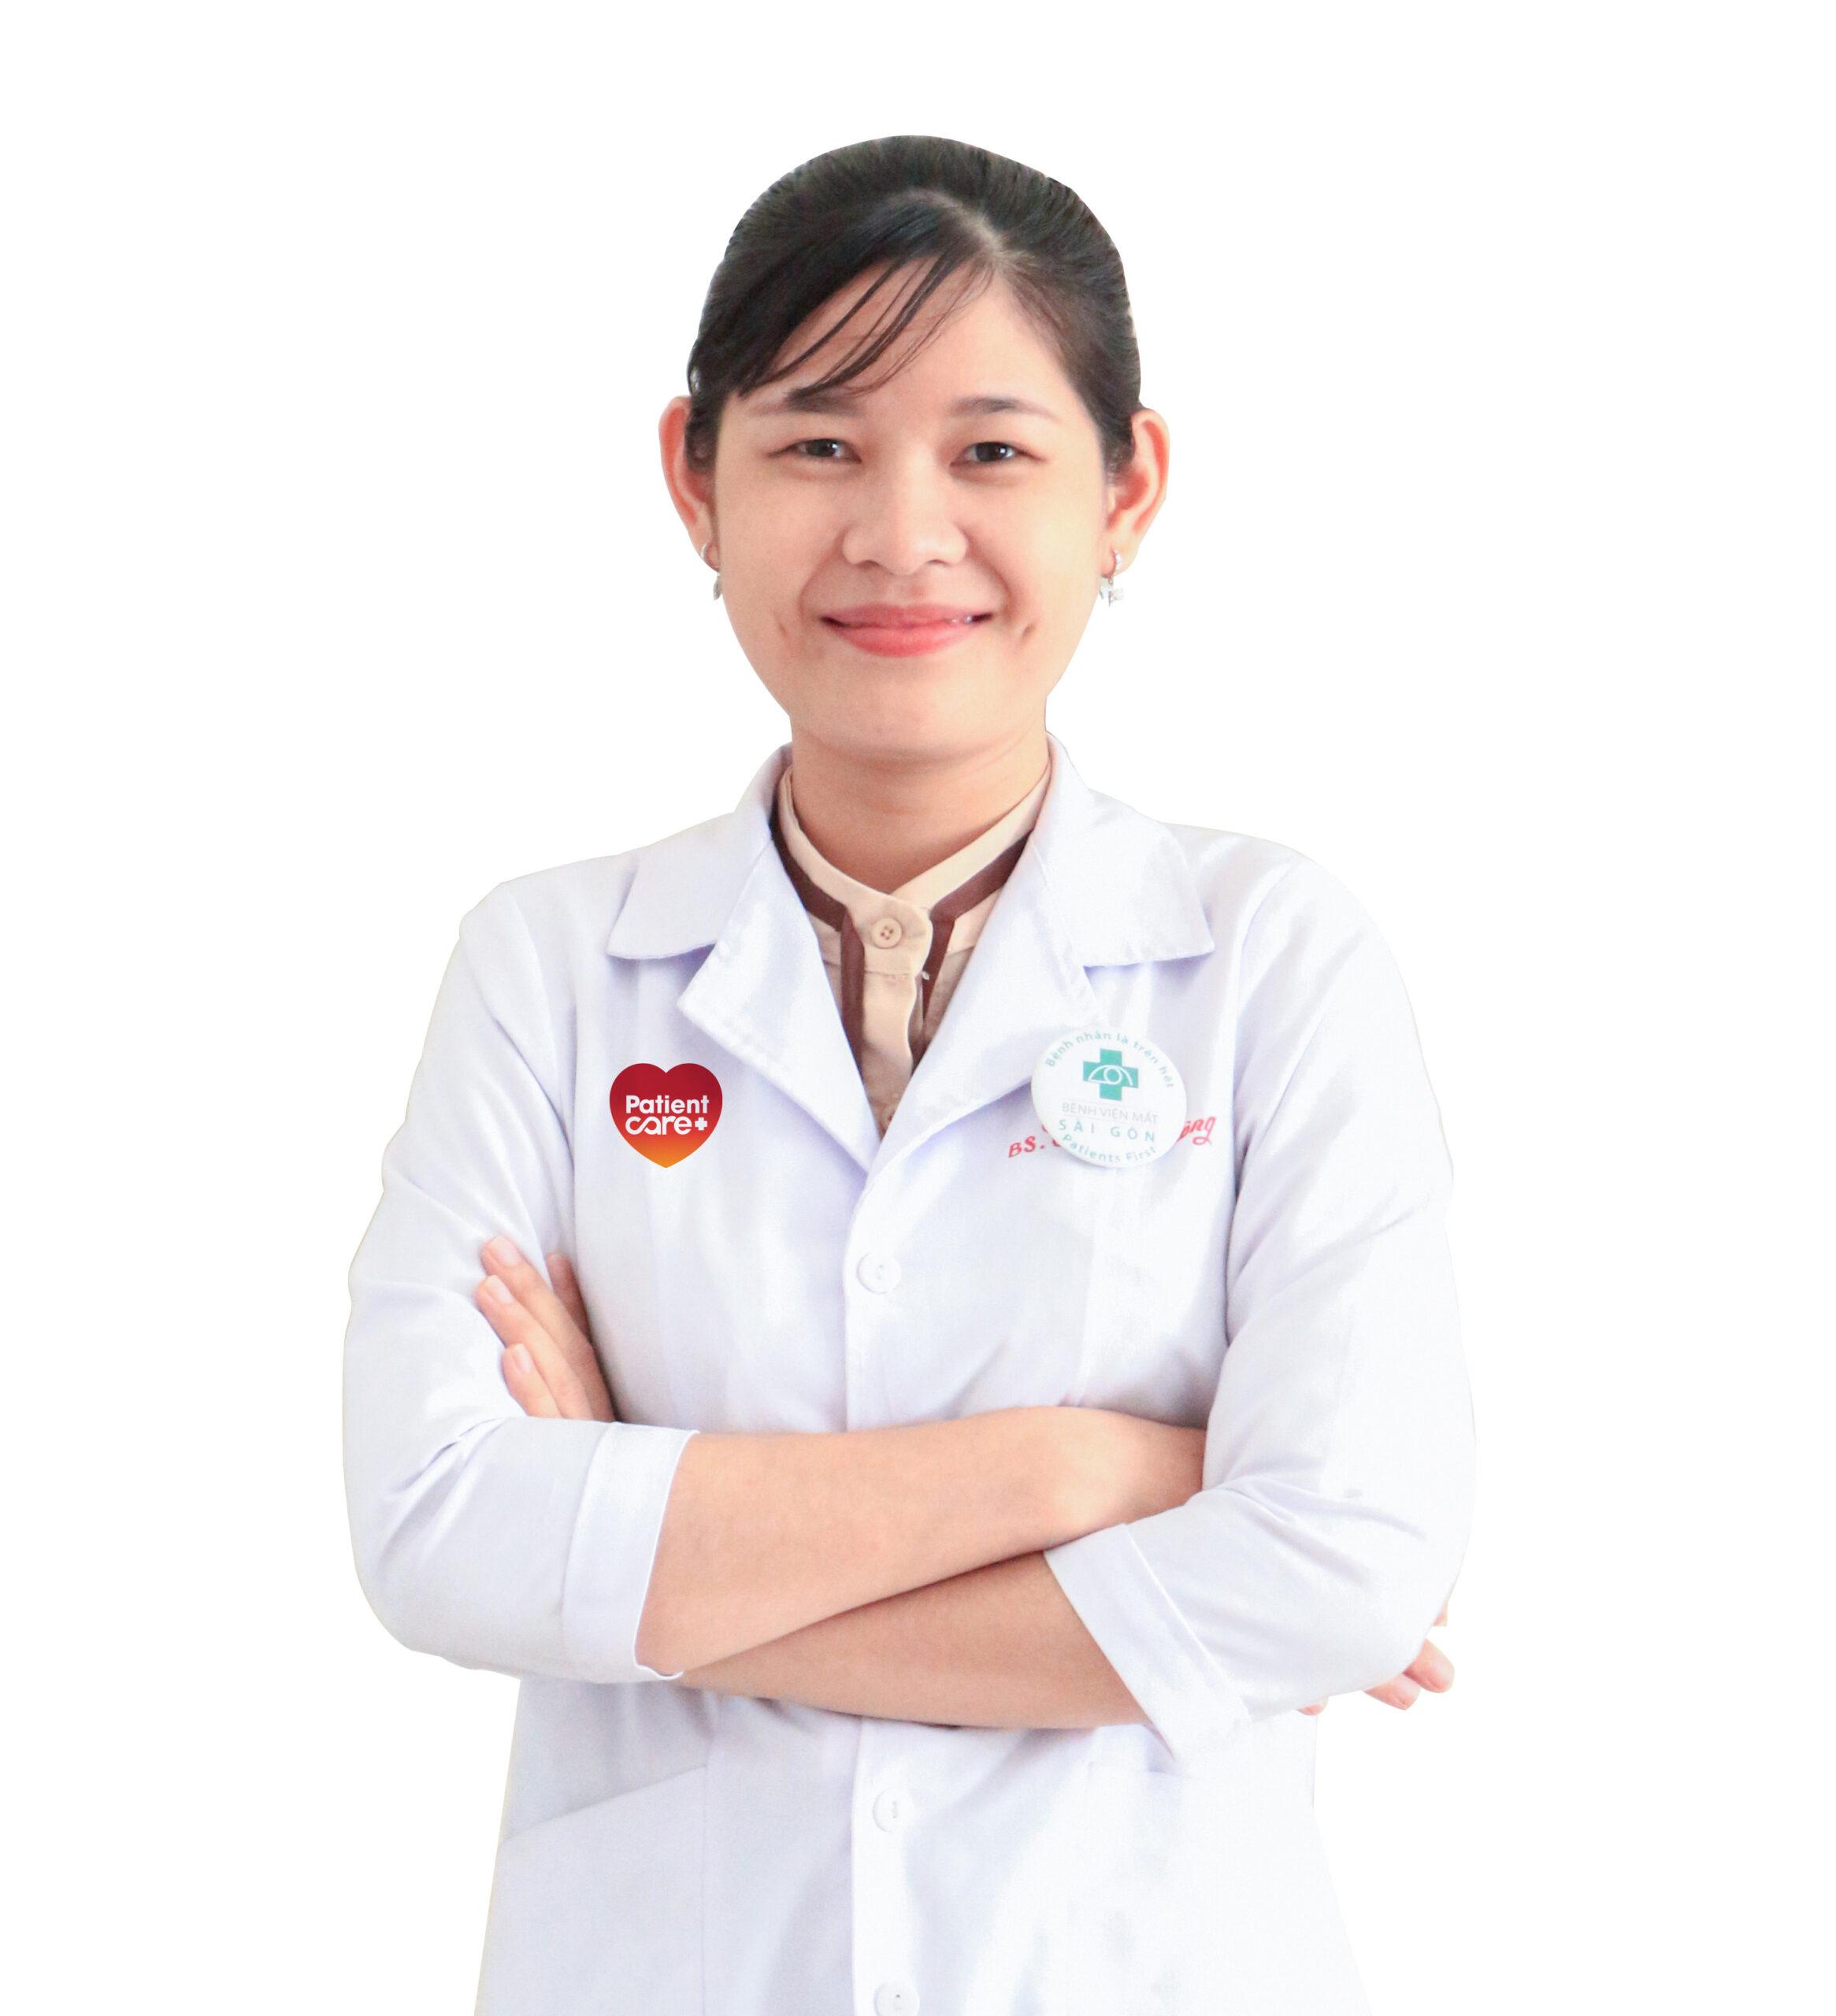 BS Trần Huỳnh Thanh Phương